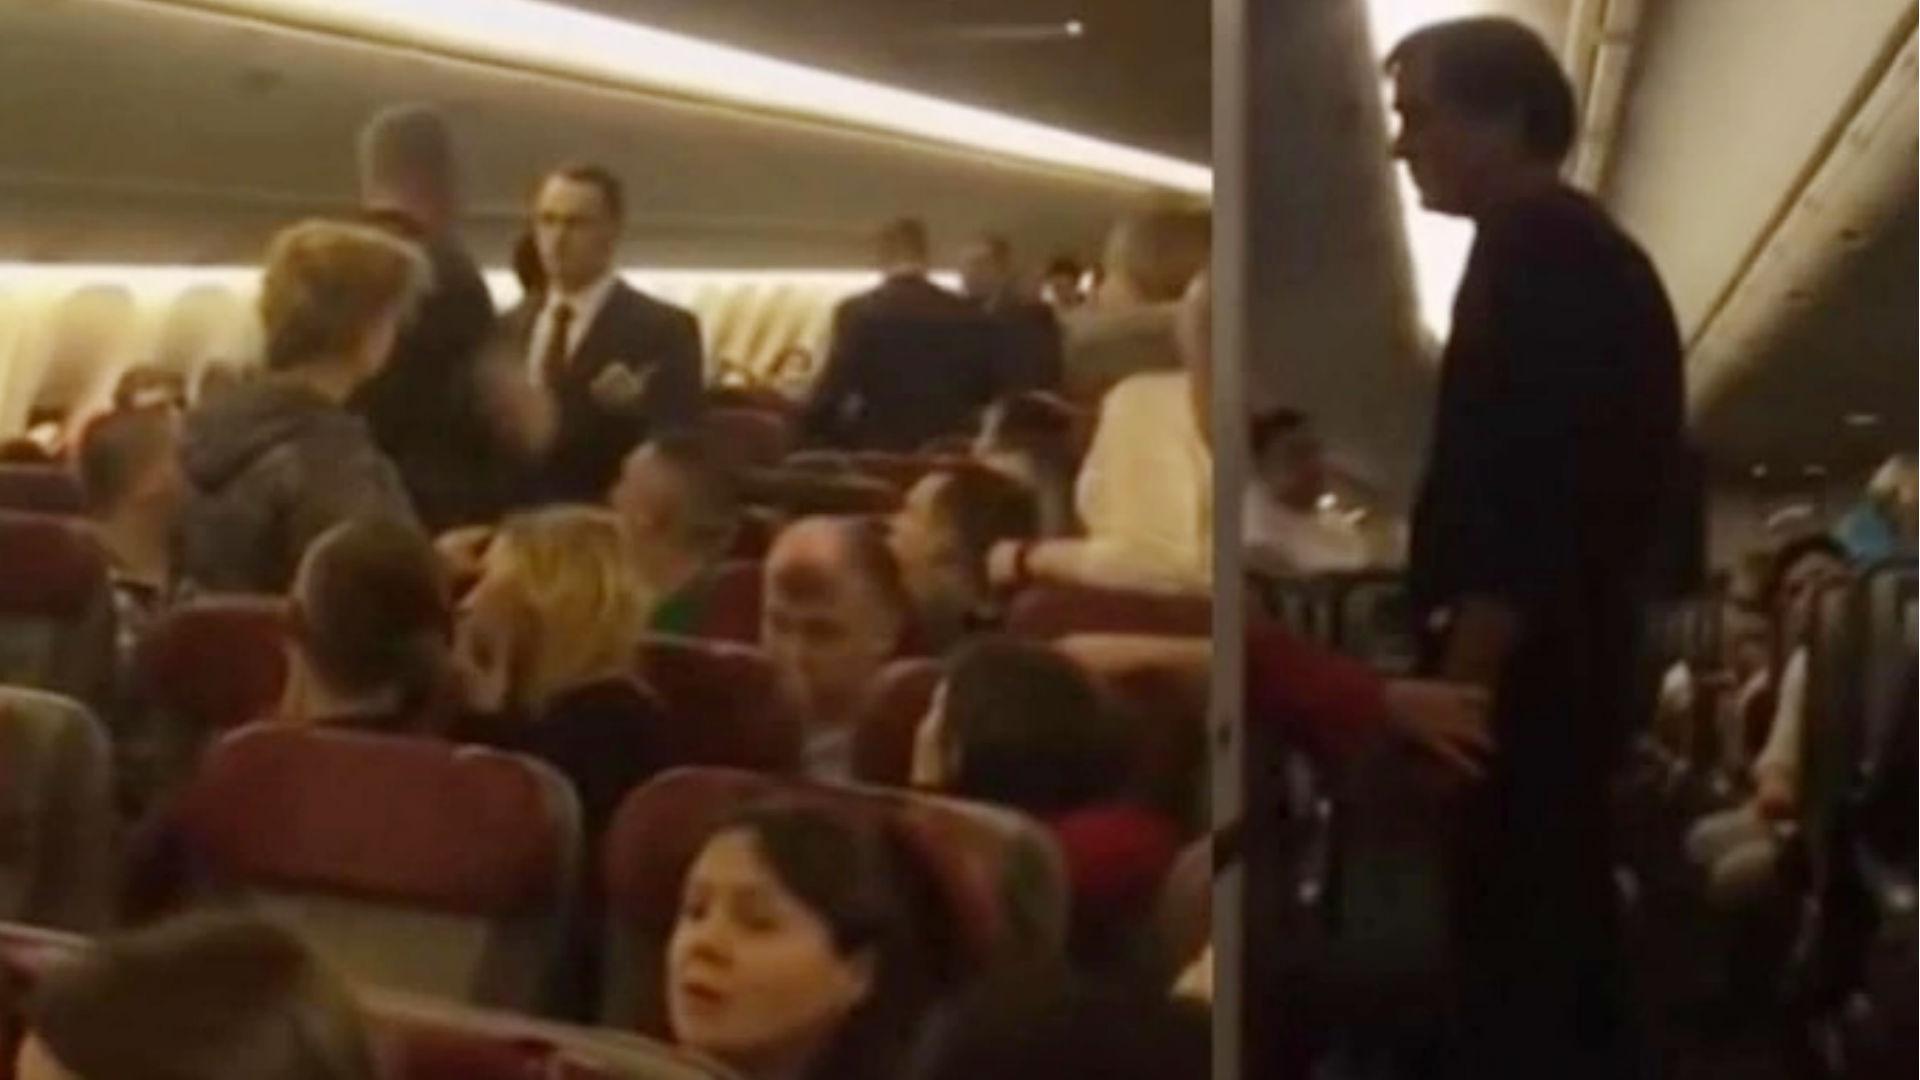 नशे में धुत युवक ने 33 हजार फीट की ऊंचाई पर की प्लेन का दरवाजा खोलने की कोशिश, वायरल हो रहा ये वीडियो